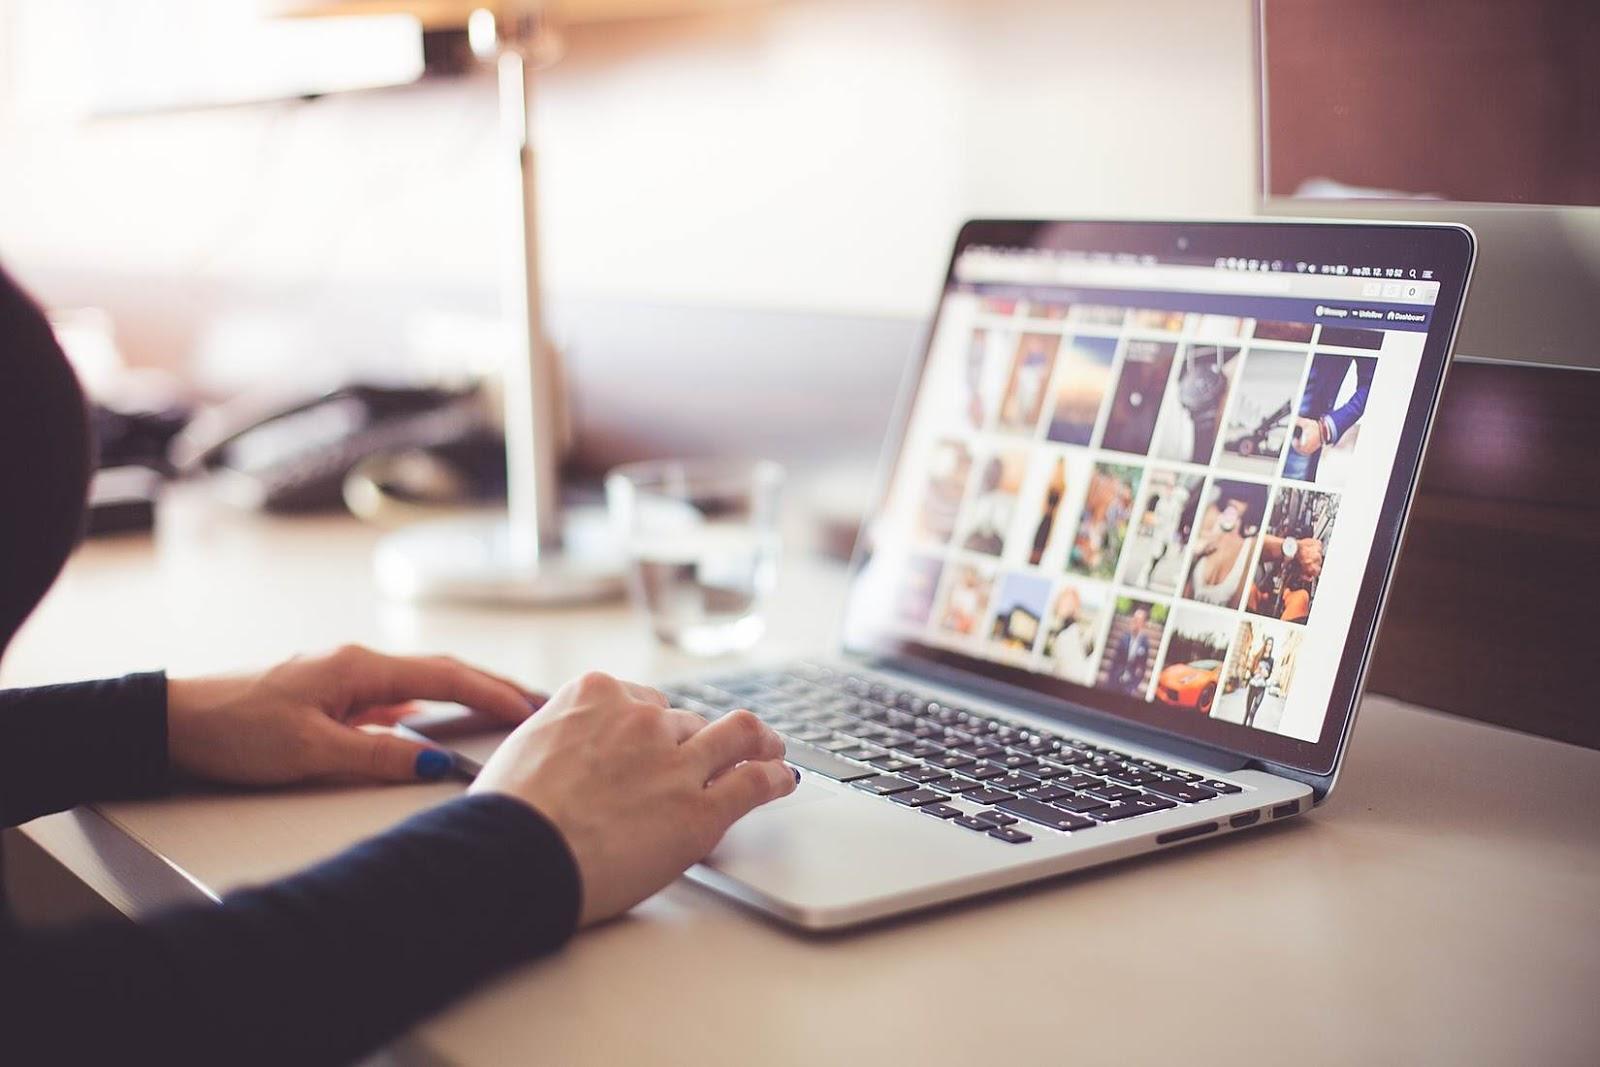 Dicas necessárias para um blogueiro iniciante